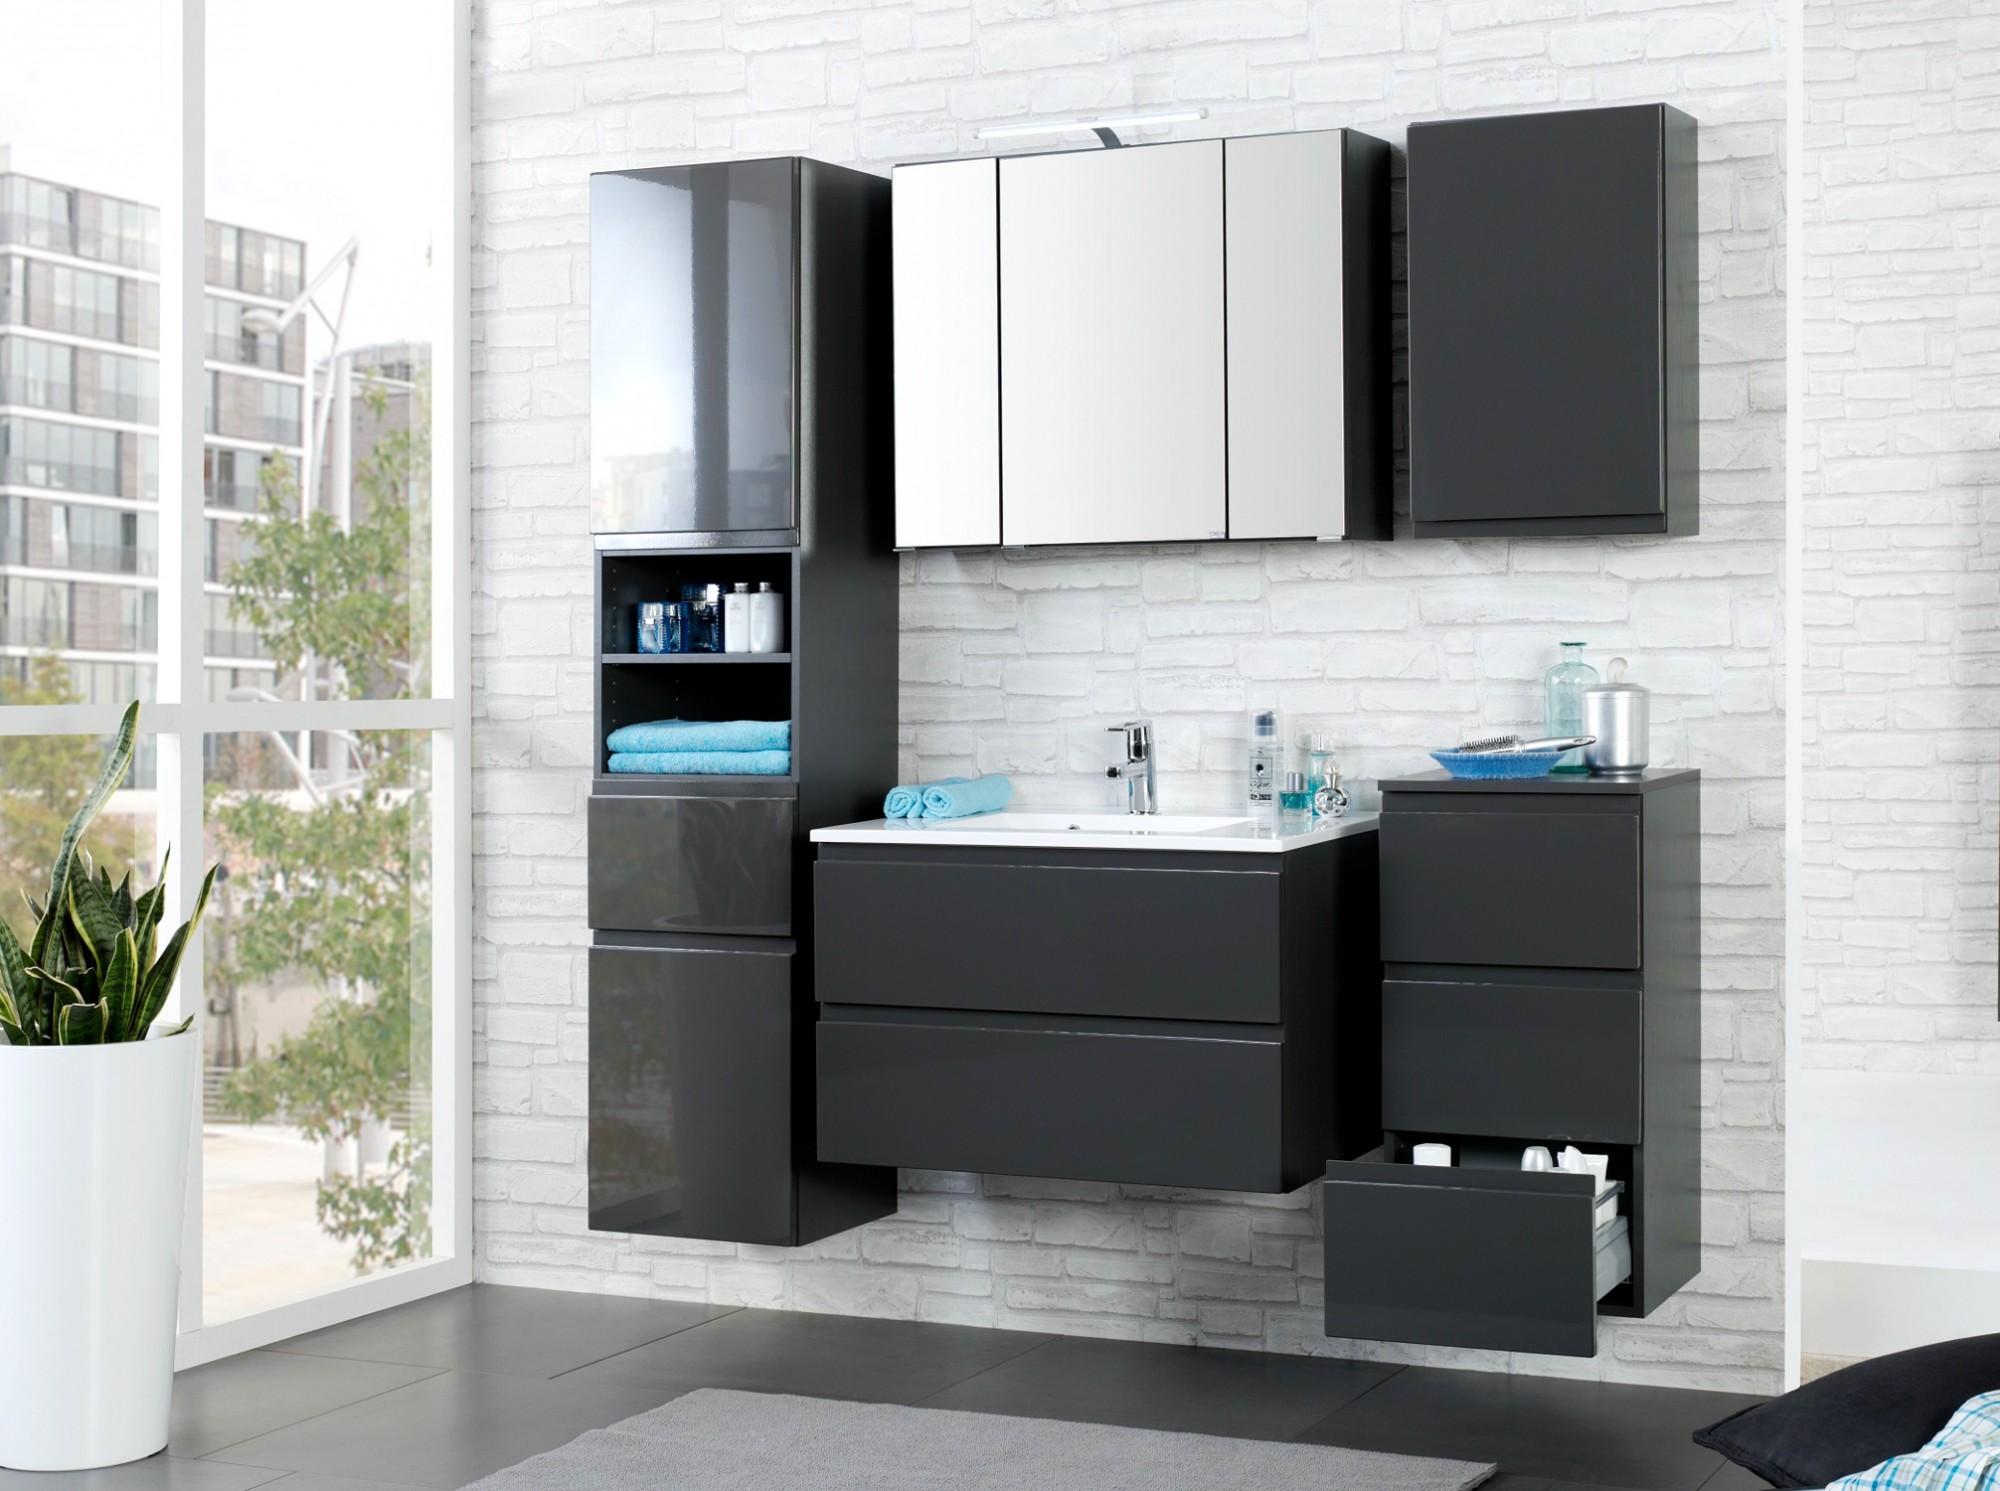 bad h ngeschrank cardiff 1 t rig 40 cm breit. Black Bedroom Furniture Sets. Home Design Ideas